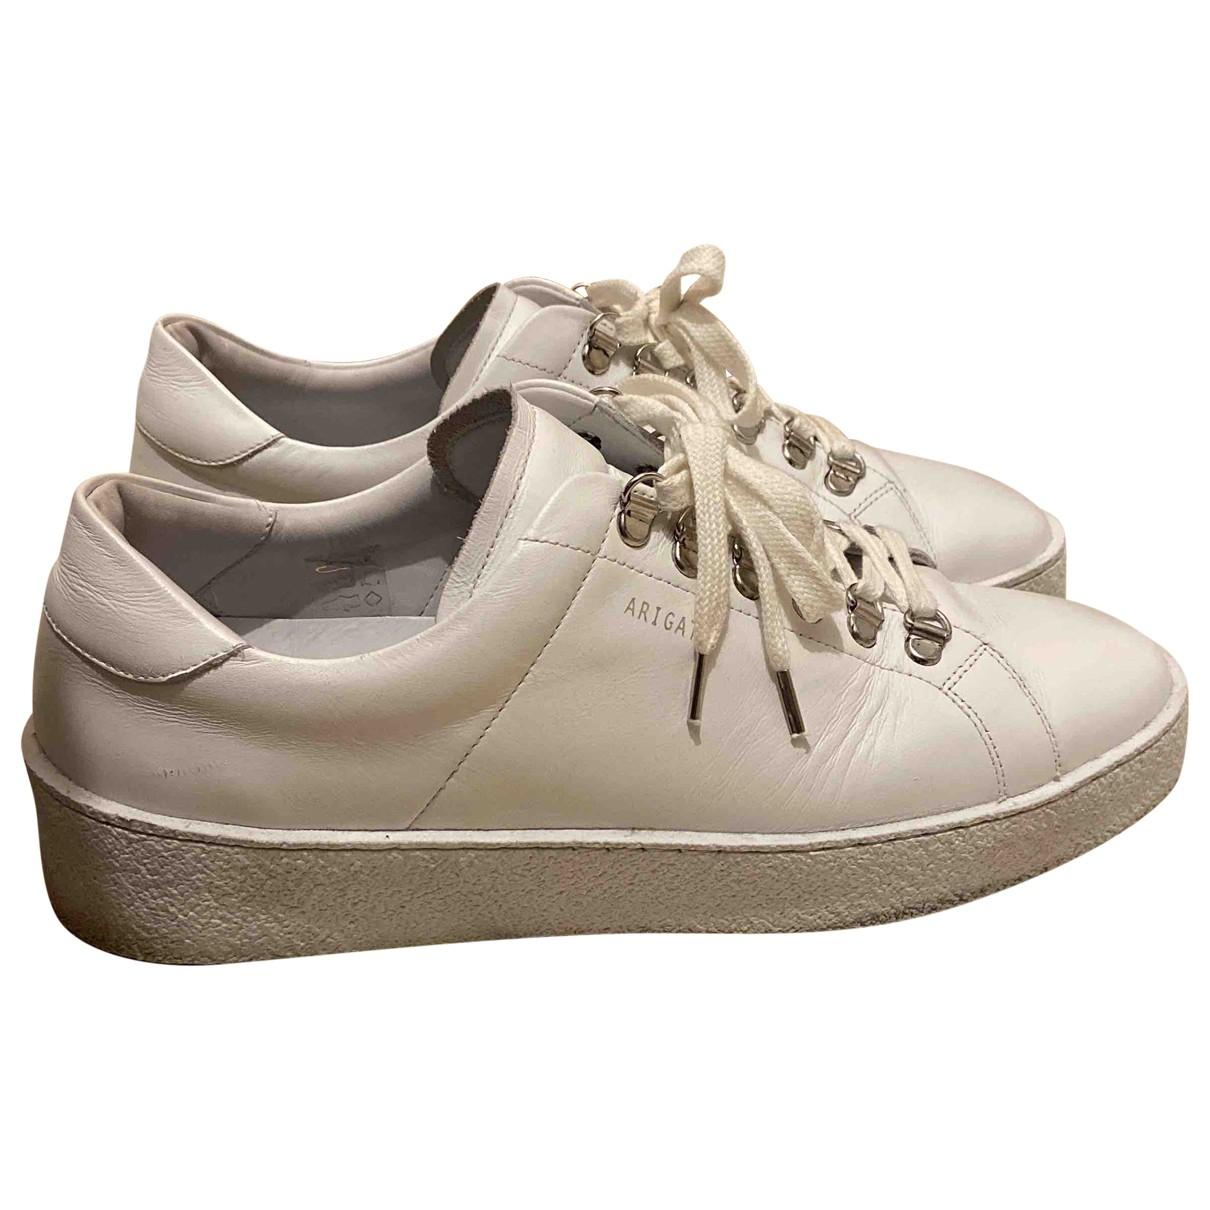 Axel Arigato - Baskets   pour homme en cuir - blanc